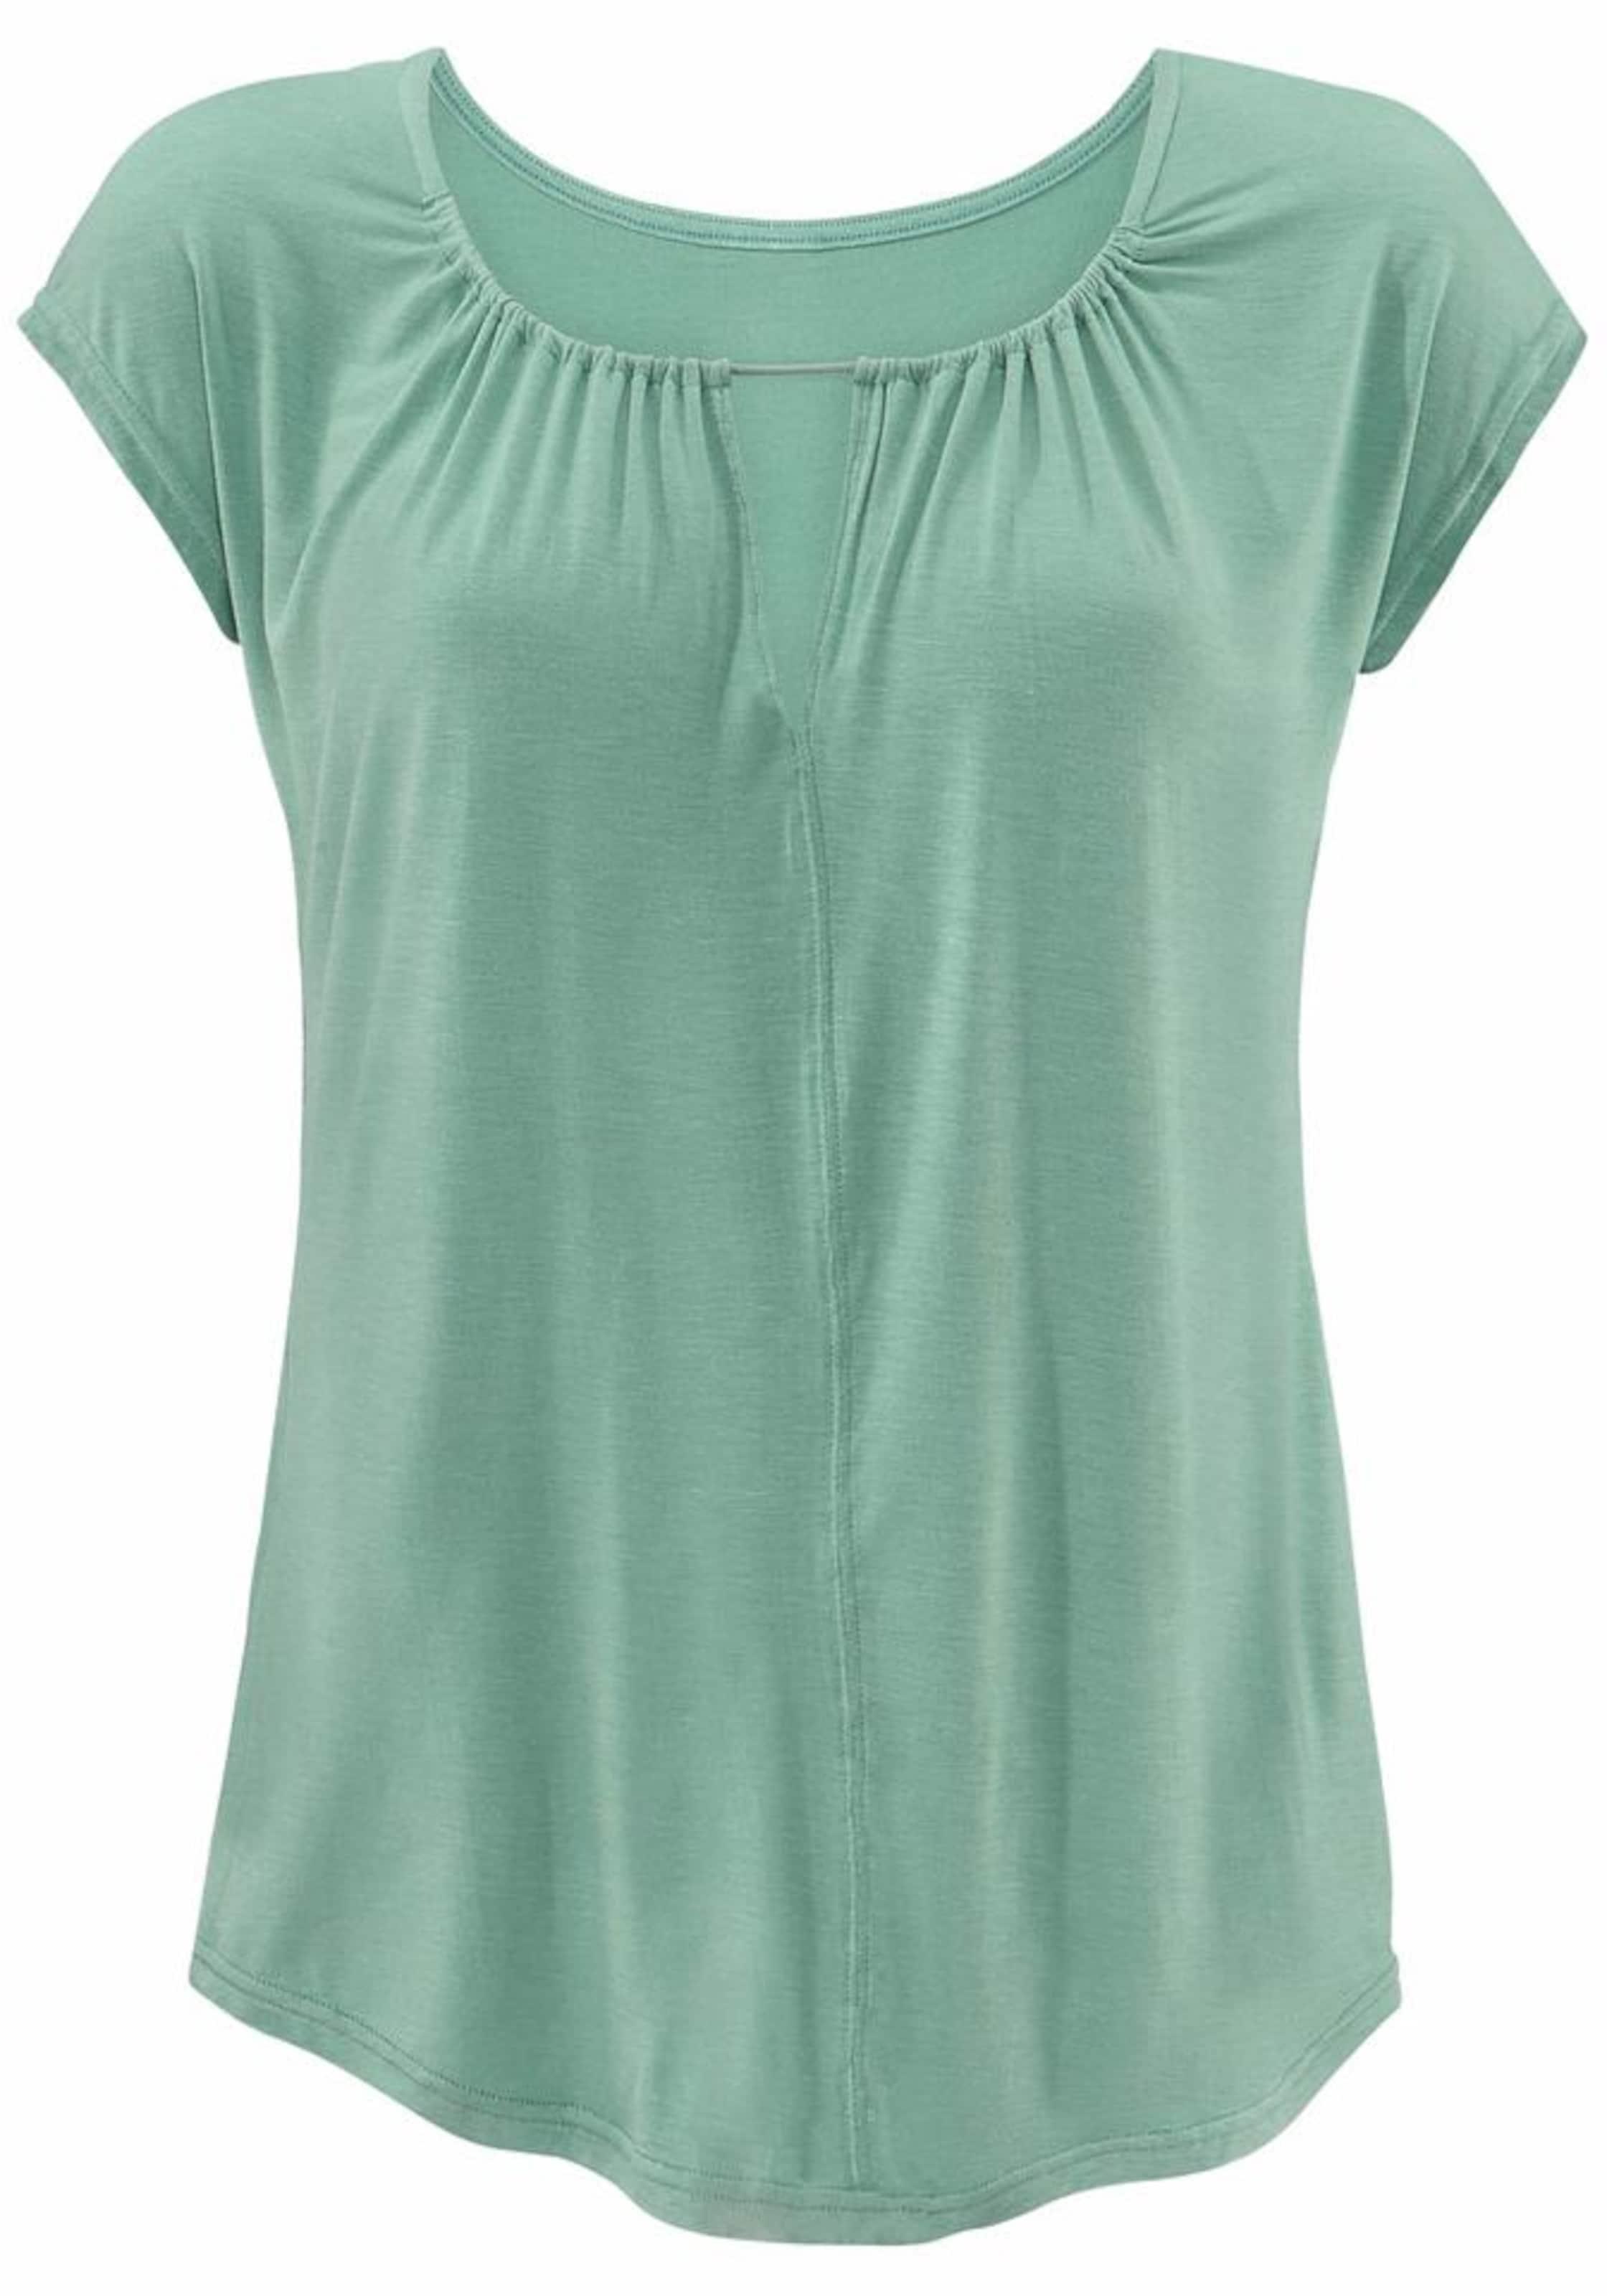 Modestil Billig Verkauf 2018 Unisex LASCANA T-Shirt mit besonderem Ausschnitt Erhalten Verkauf Online Kaufen Mode-Stil Online Spielraum Günstigsten Preis PMjZ7pCaH